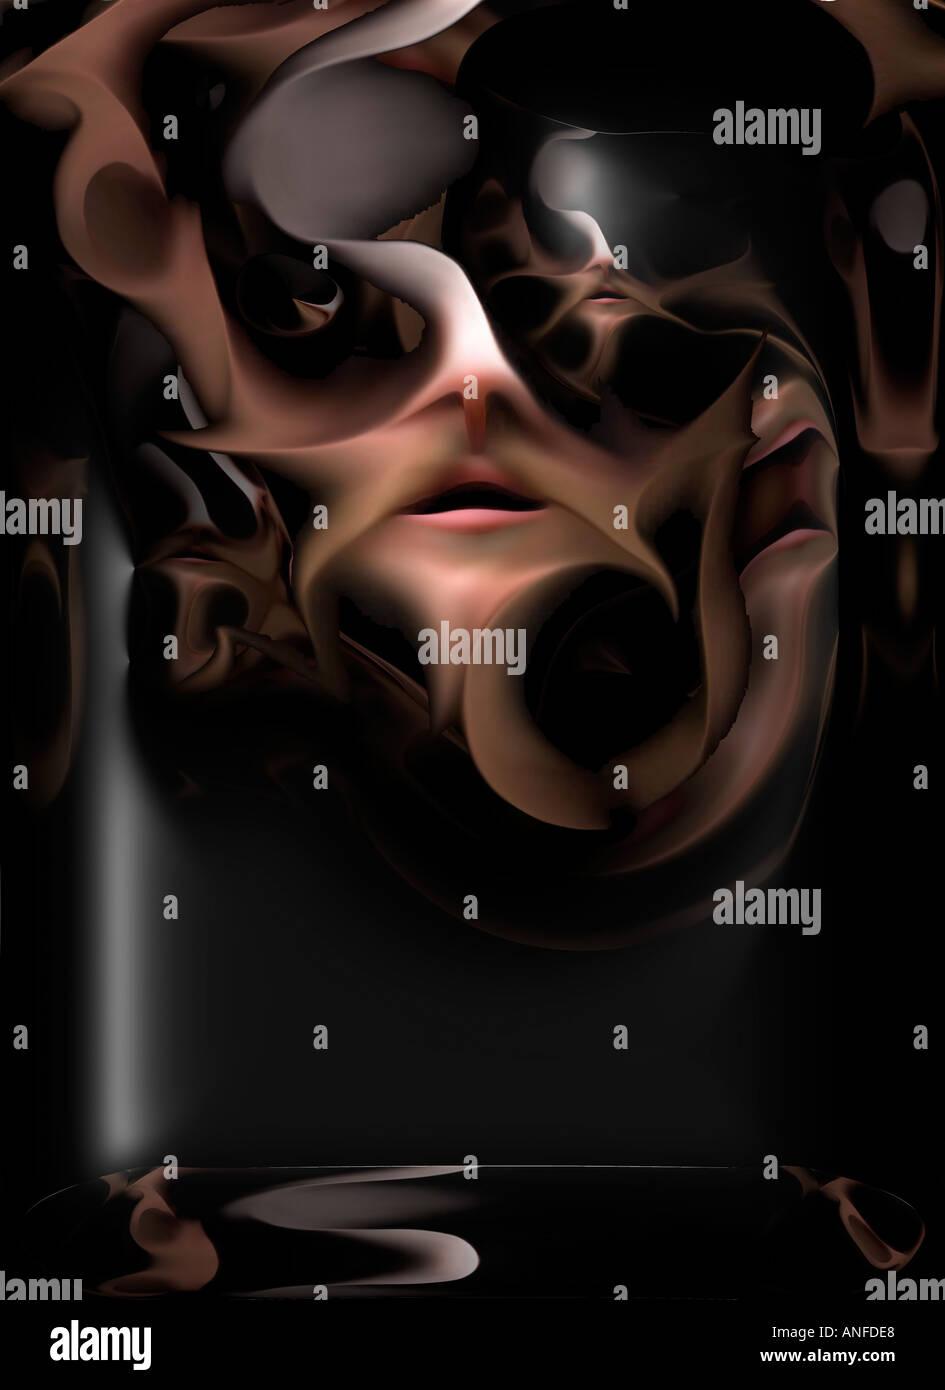 Strange face - poster - Stock Image